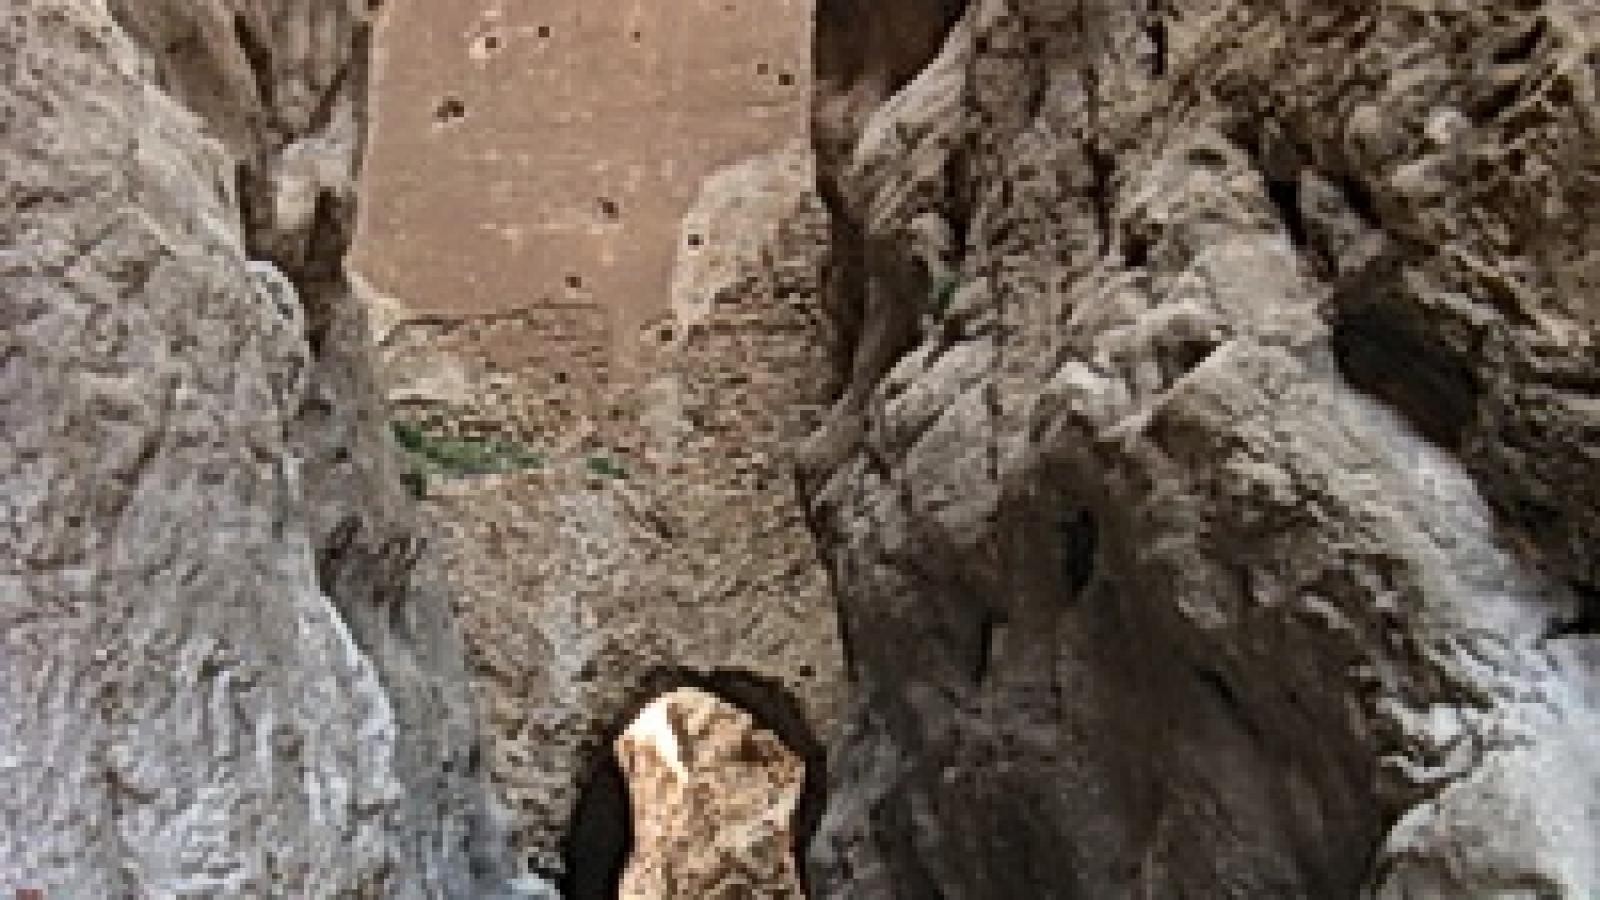 چشمه آبگرم مرتضی علی یزد-اجاره ماشین-اجاره خودرو